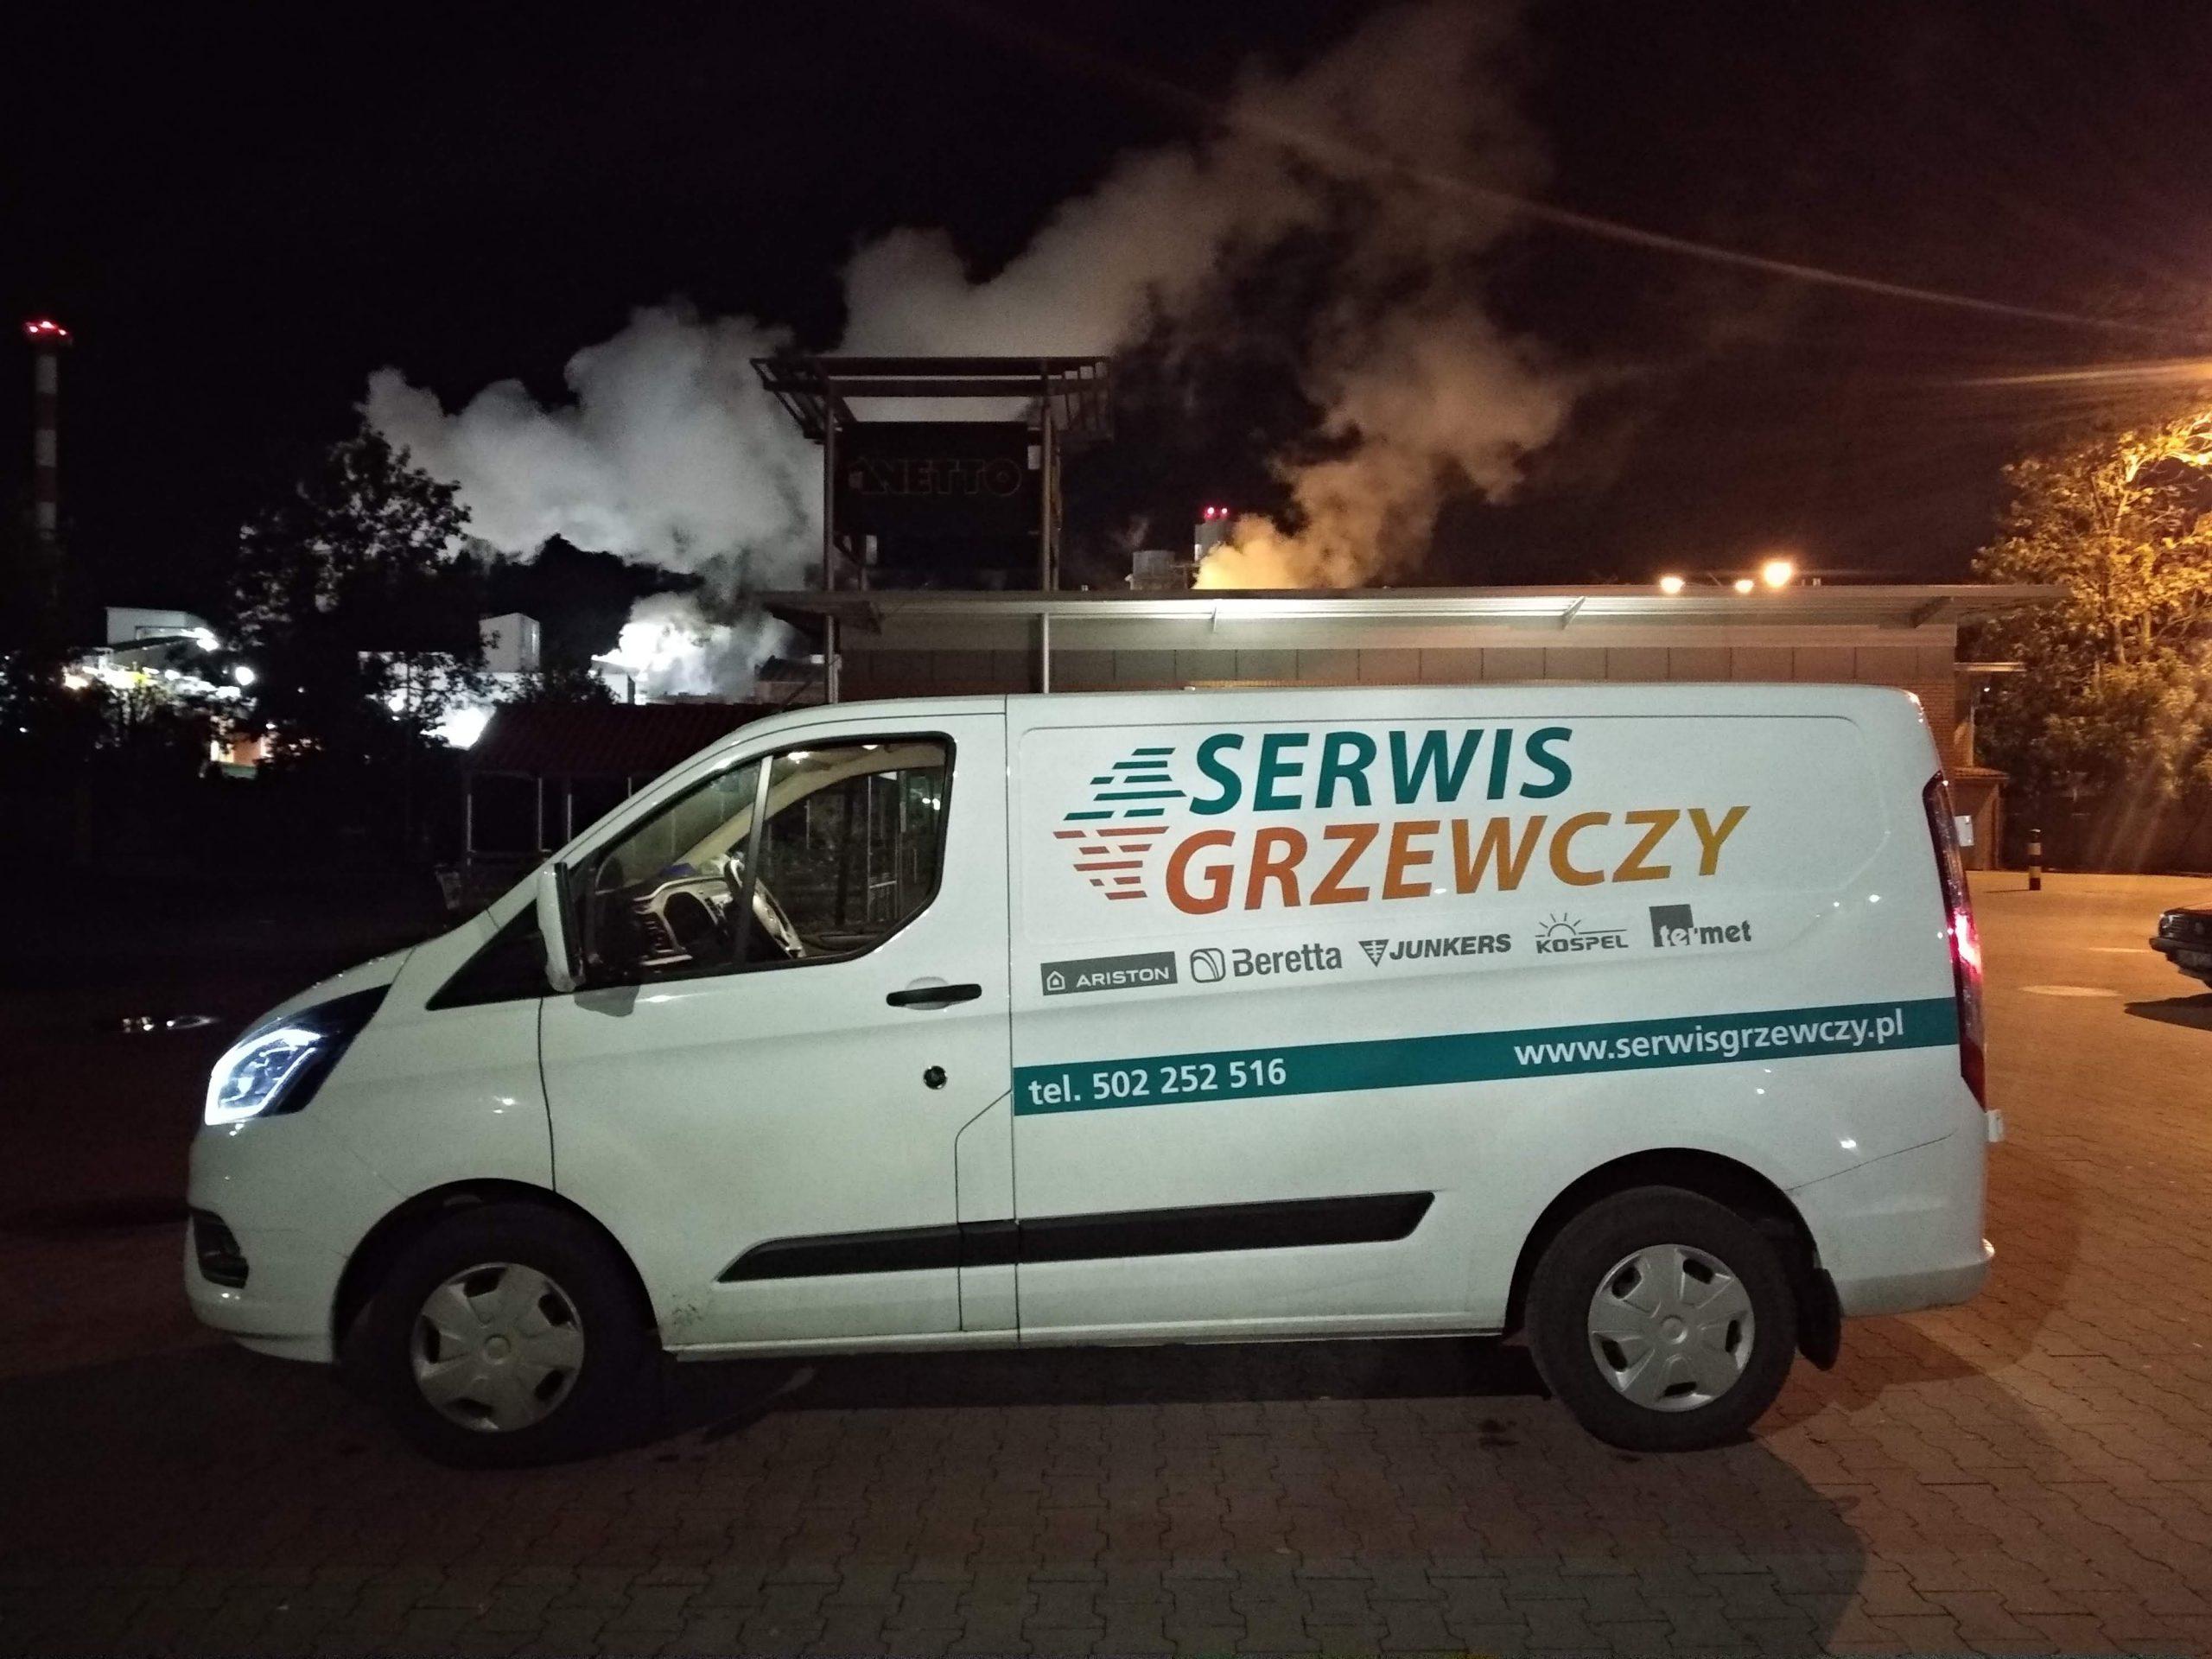 SERWIS GRZEWCZY - Autoryzowany Serwis Junkers, Beretta, Ariston, Termet, Kospel